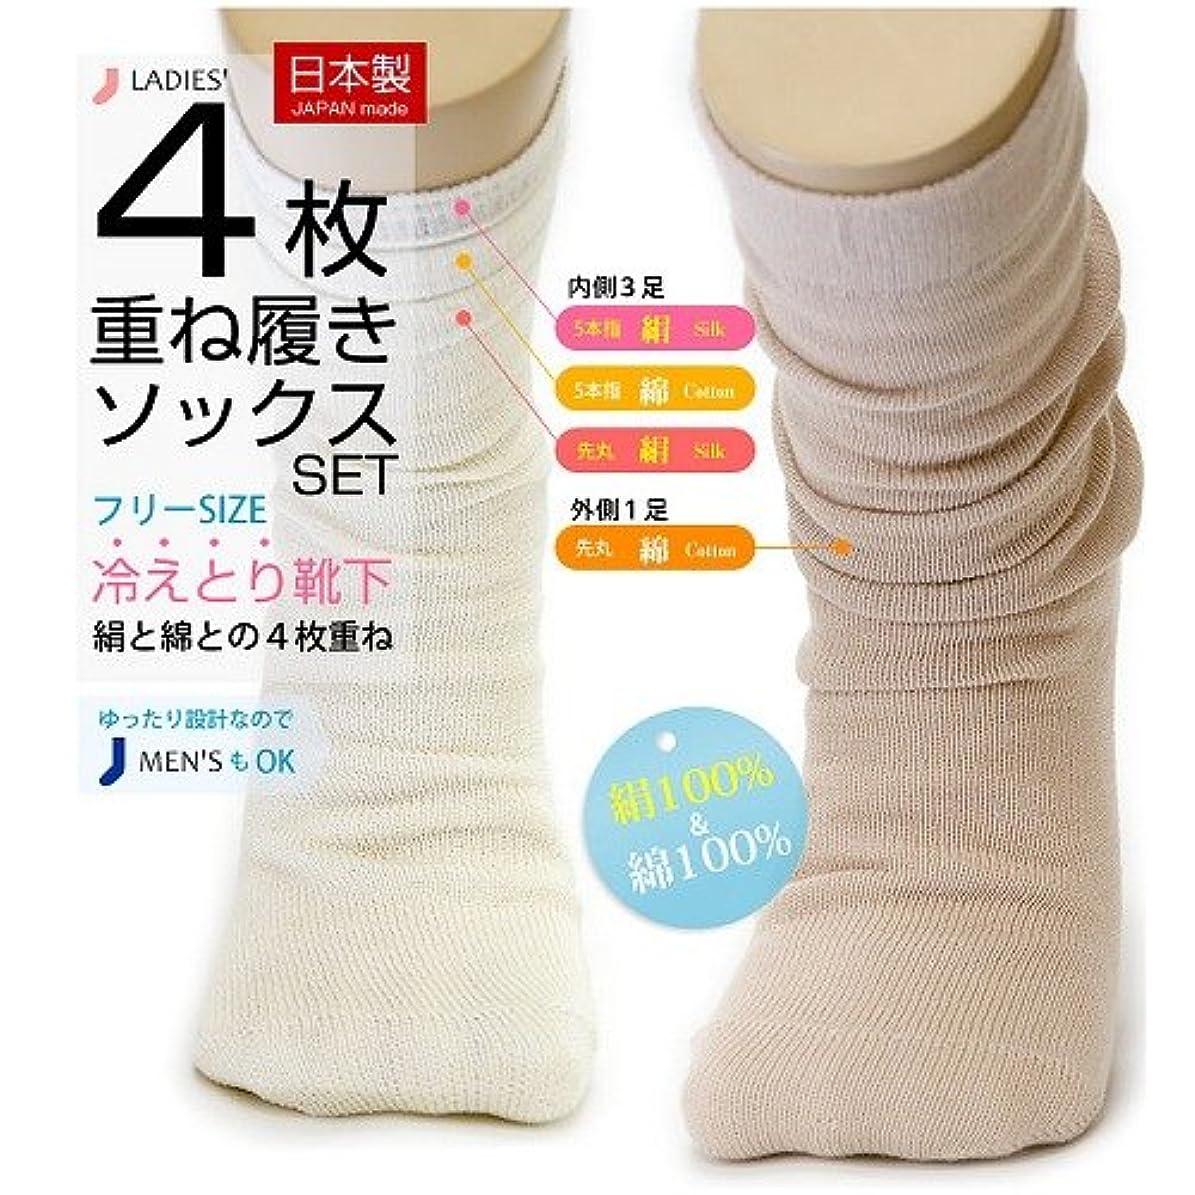 傾向があります責め環境保護主義者冷え取り靴下 綿100%とシルク100% 最高級の日本製 4枚重ねばきセット(外側ライトグレー)